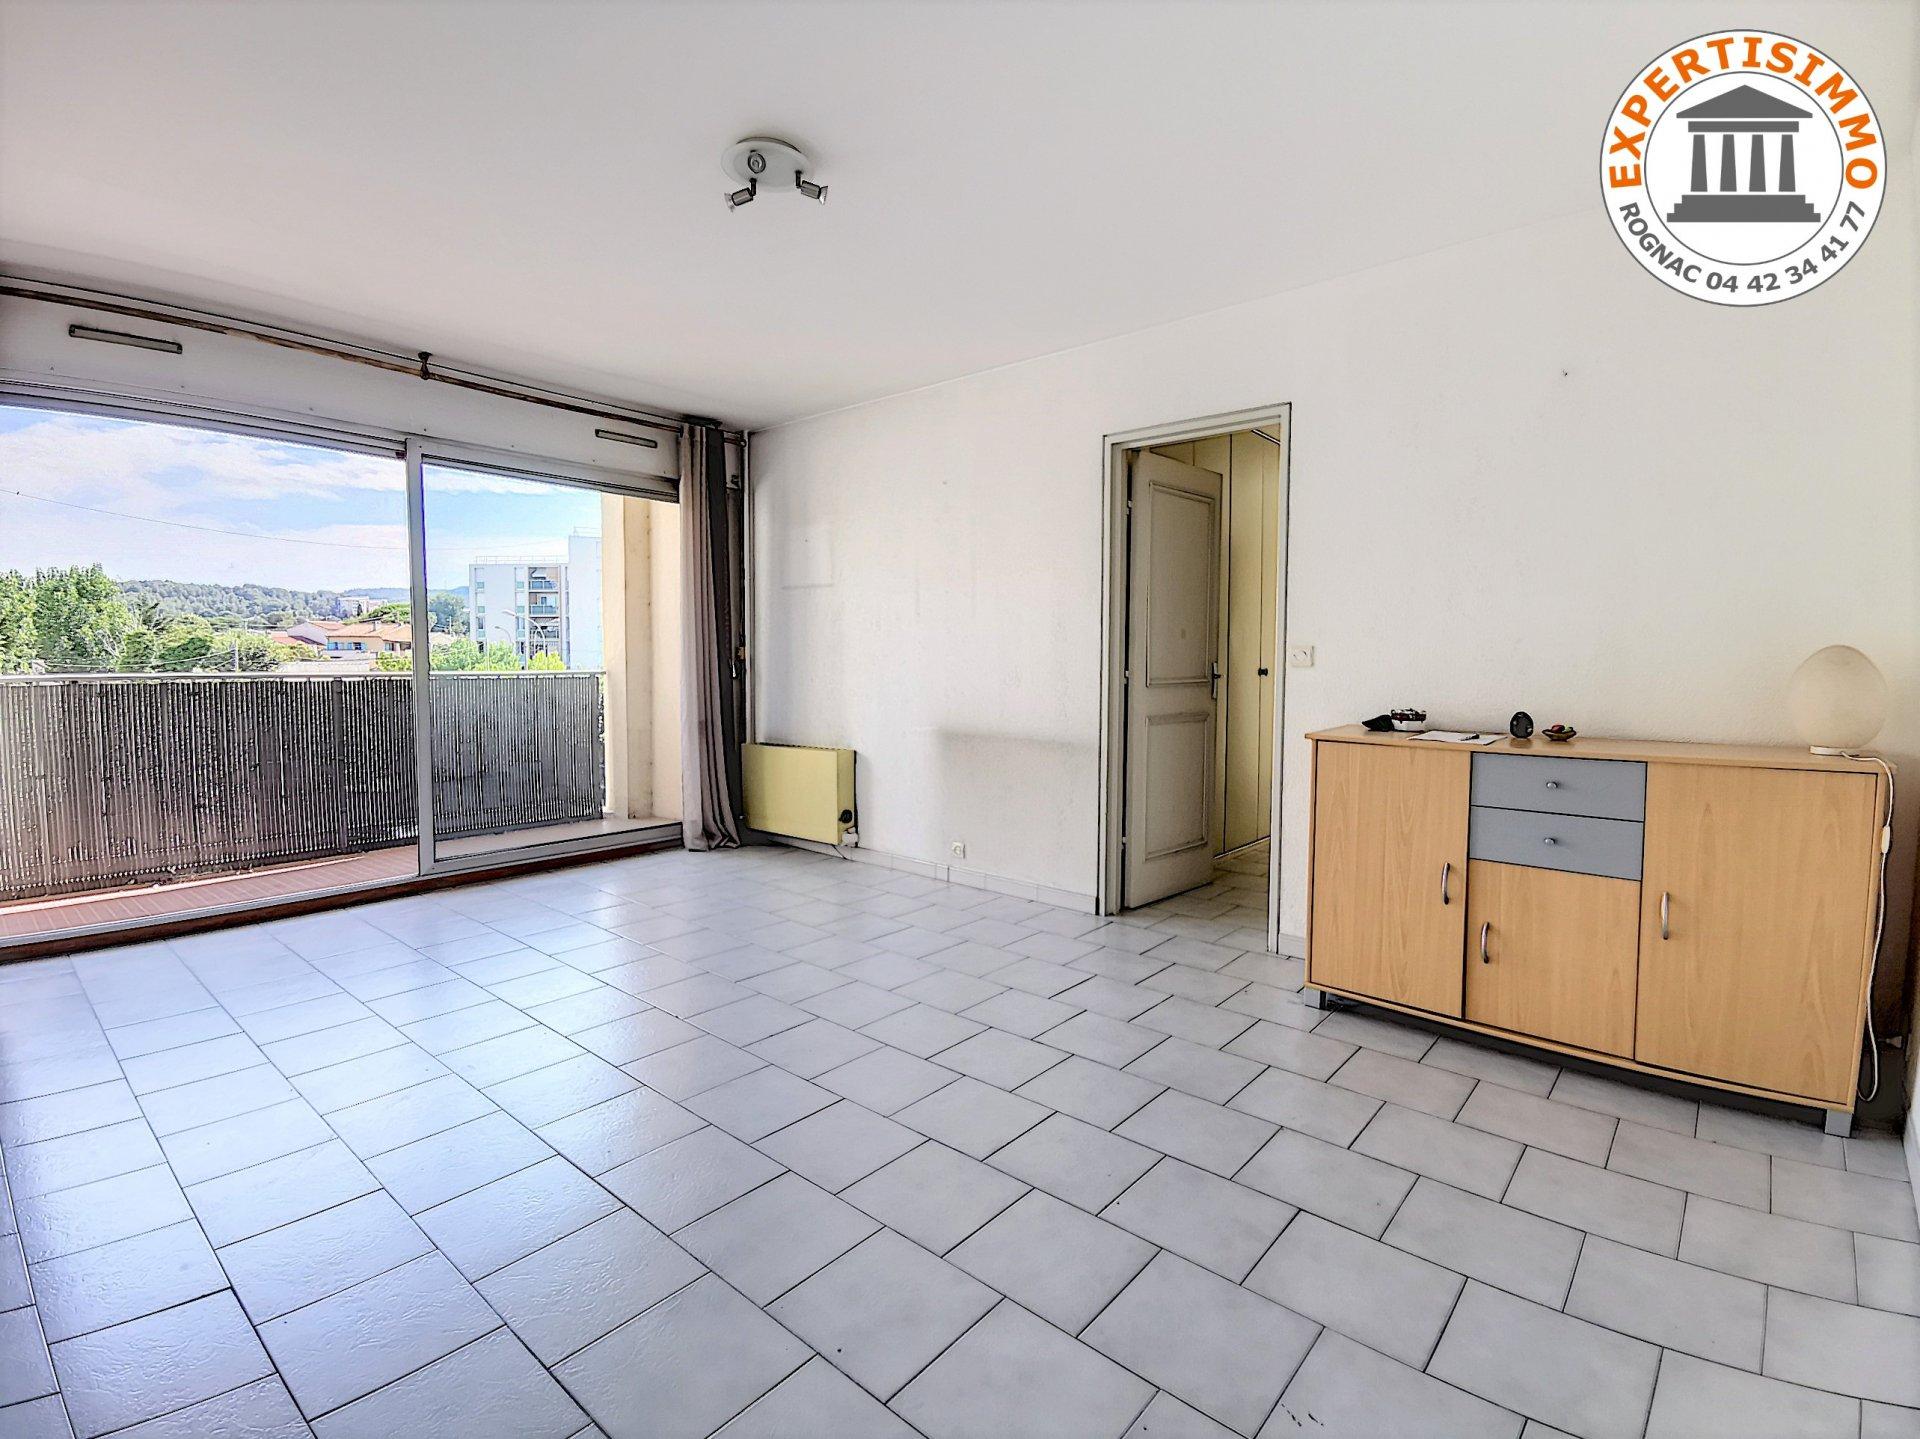 Rognac  Appartement T3 avec balcon et cave